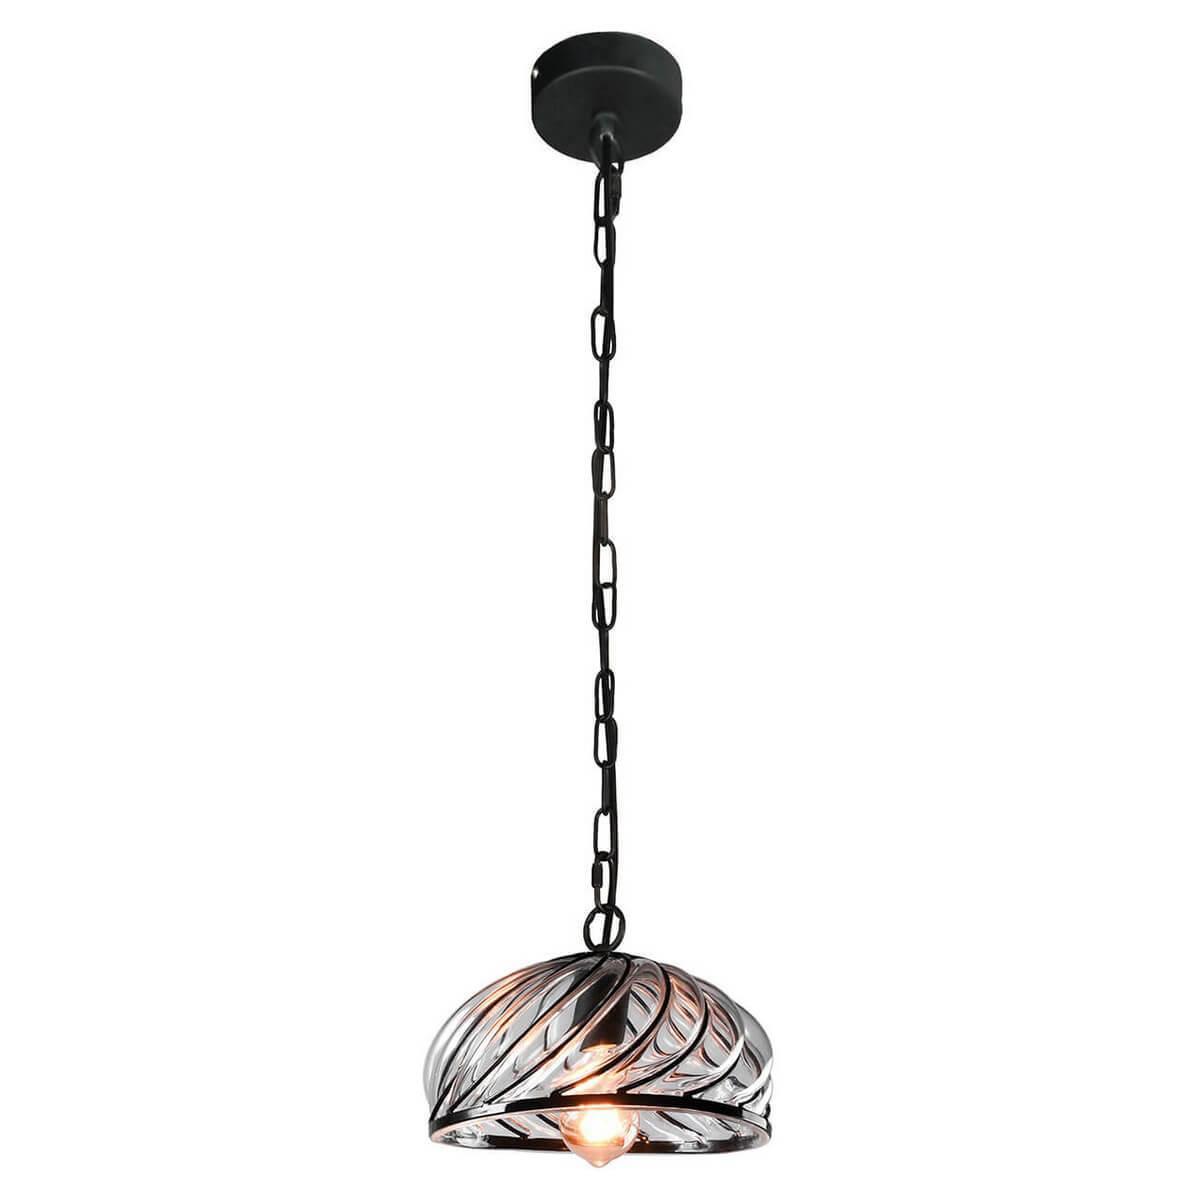 Фото - Подвесной светильник Lussole LOFT LSP-9874, E27, 60 Вт подвесной светильник lussole loft lsp 9874